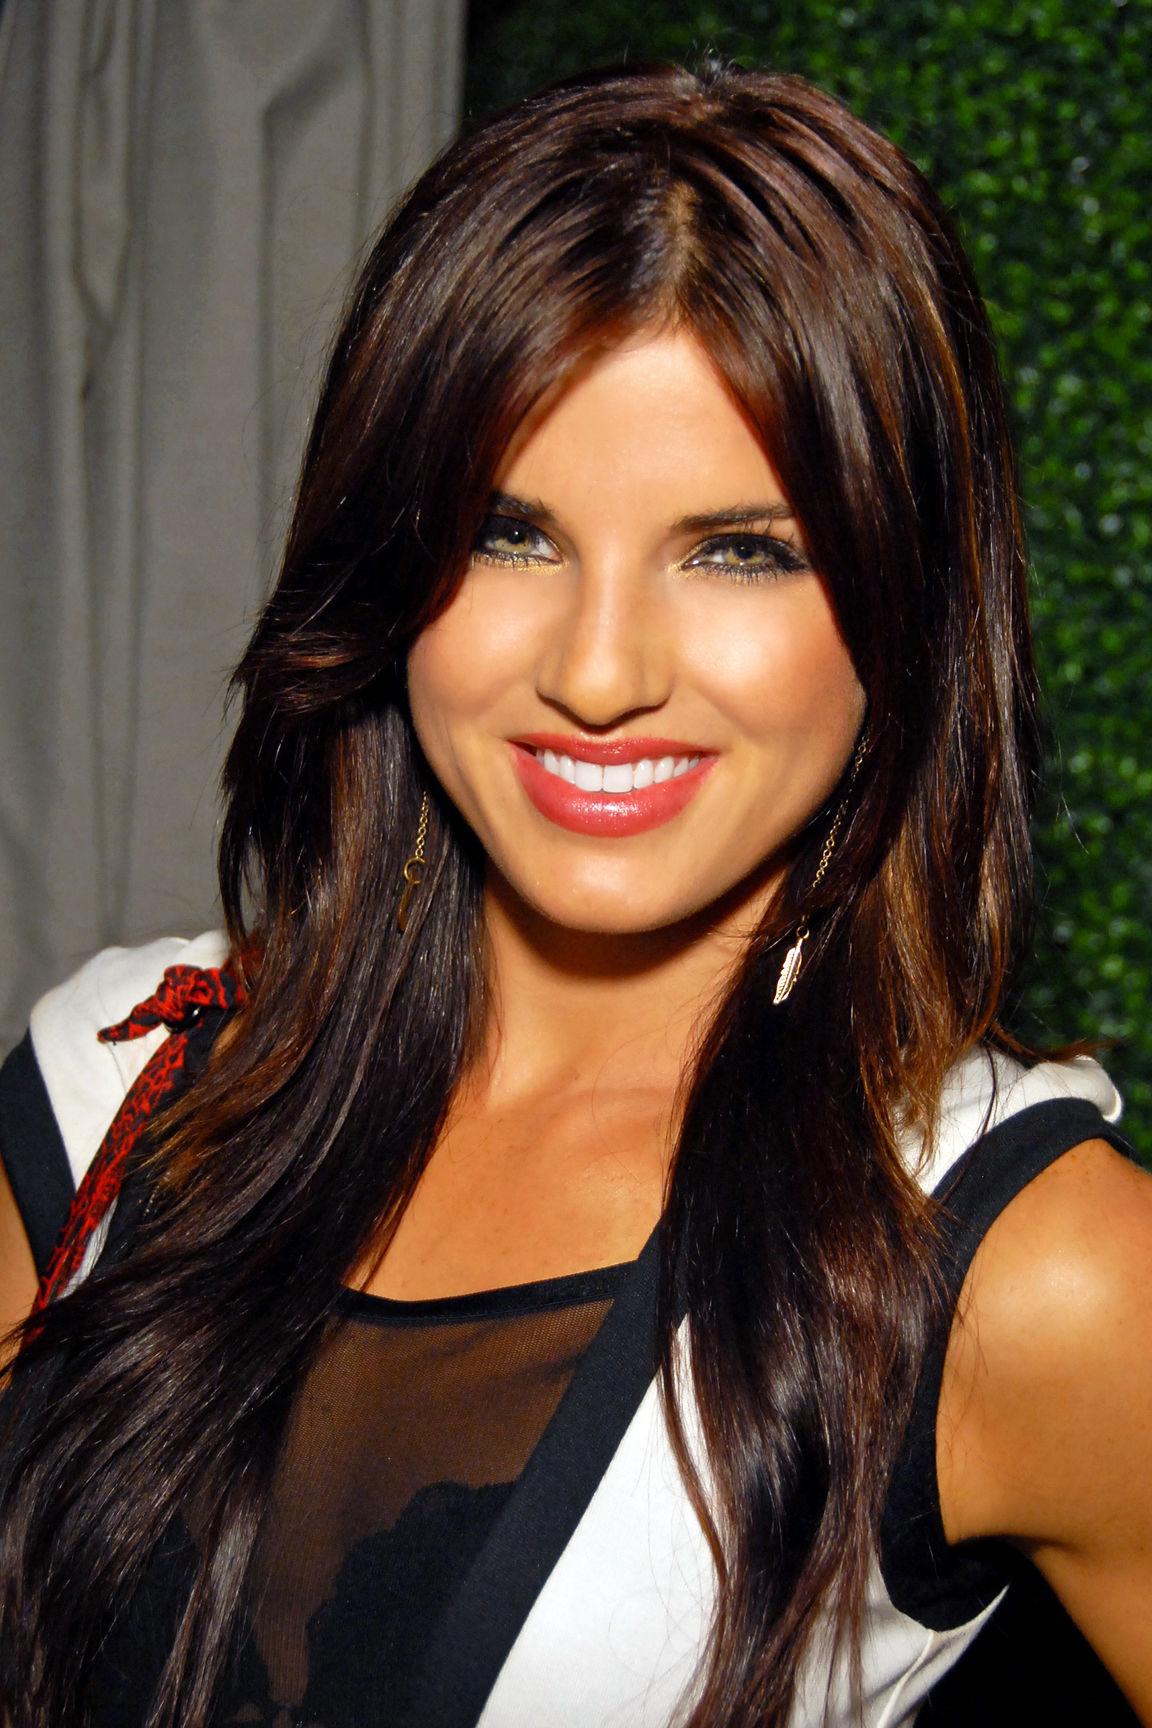 Photo of Rachele Brooke Smith: American actress